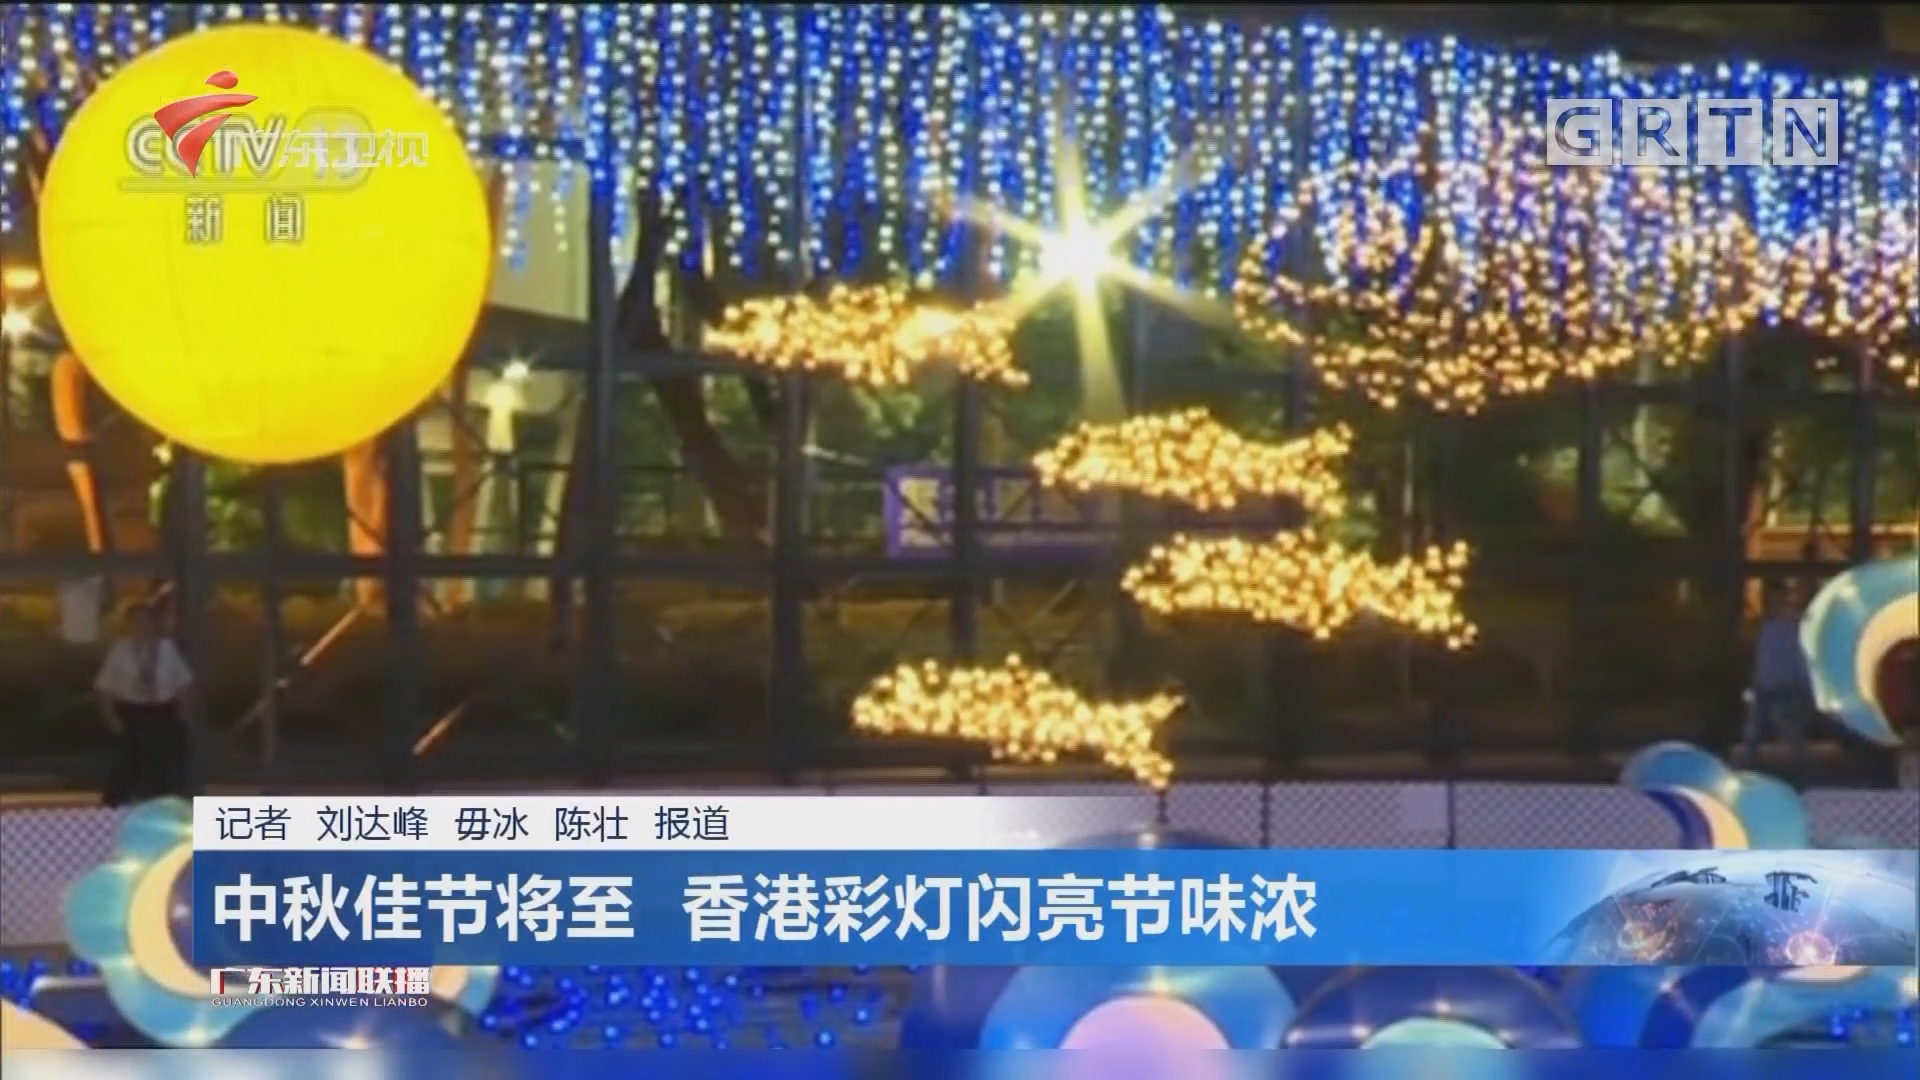 中秋佳节将至 香港彩灯闪亮节味浓